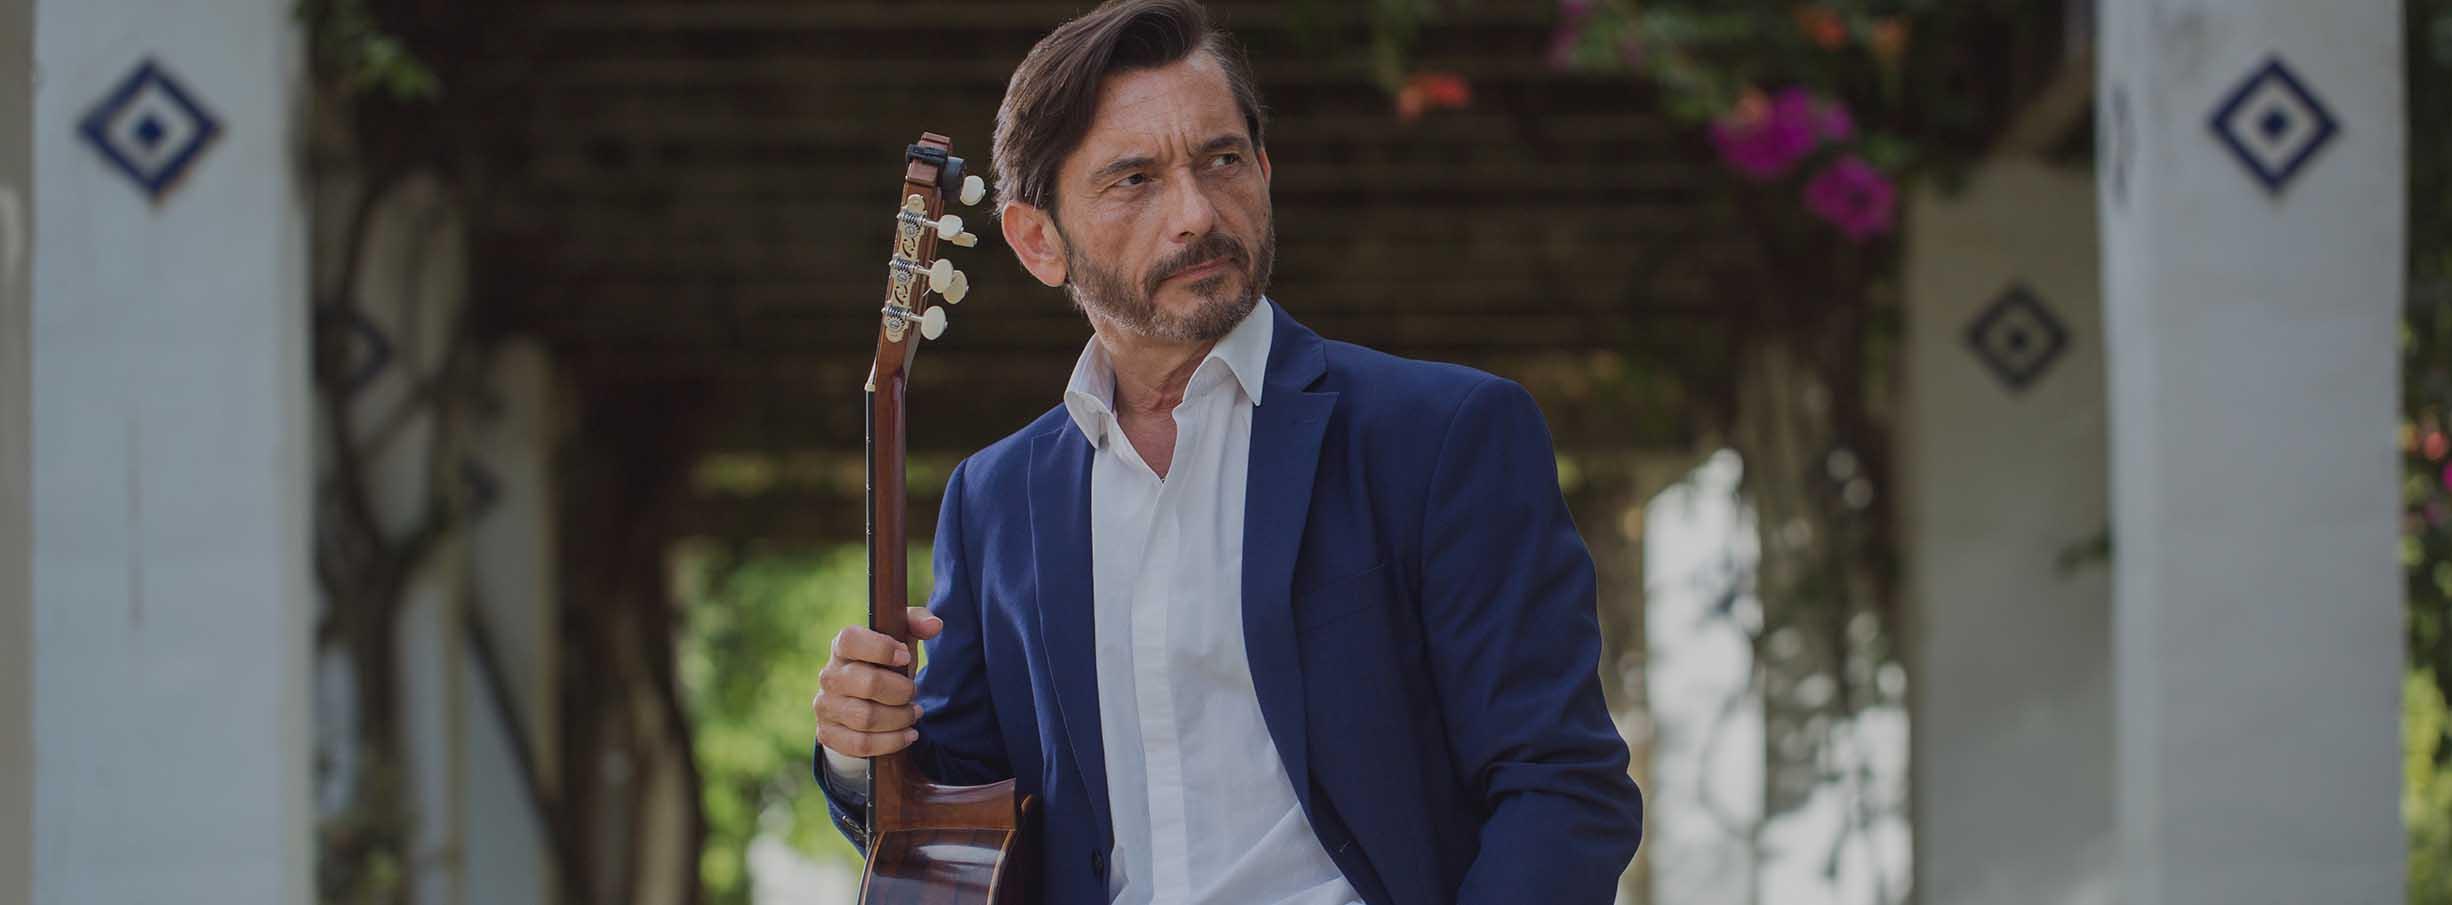 jose_maria-gallardo_del_rey-next-event-banner-2452×905-guitarras-de-luthier-2020